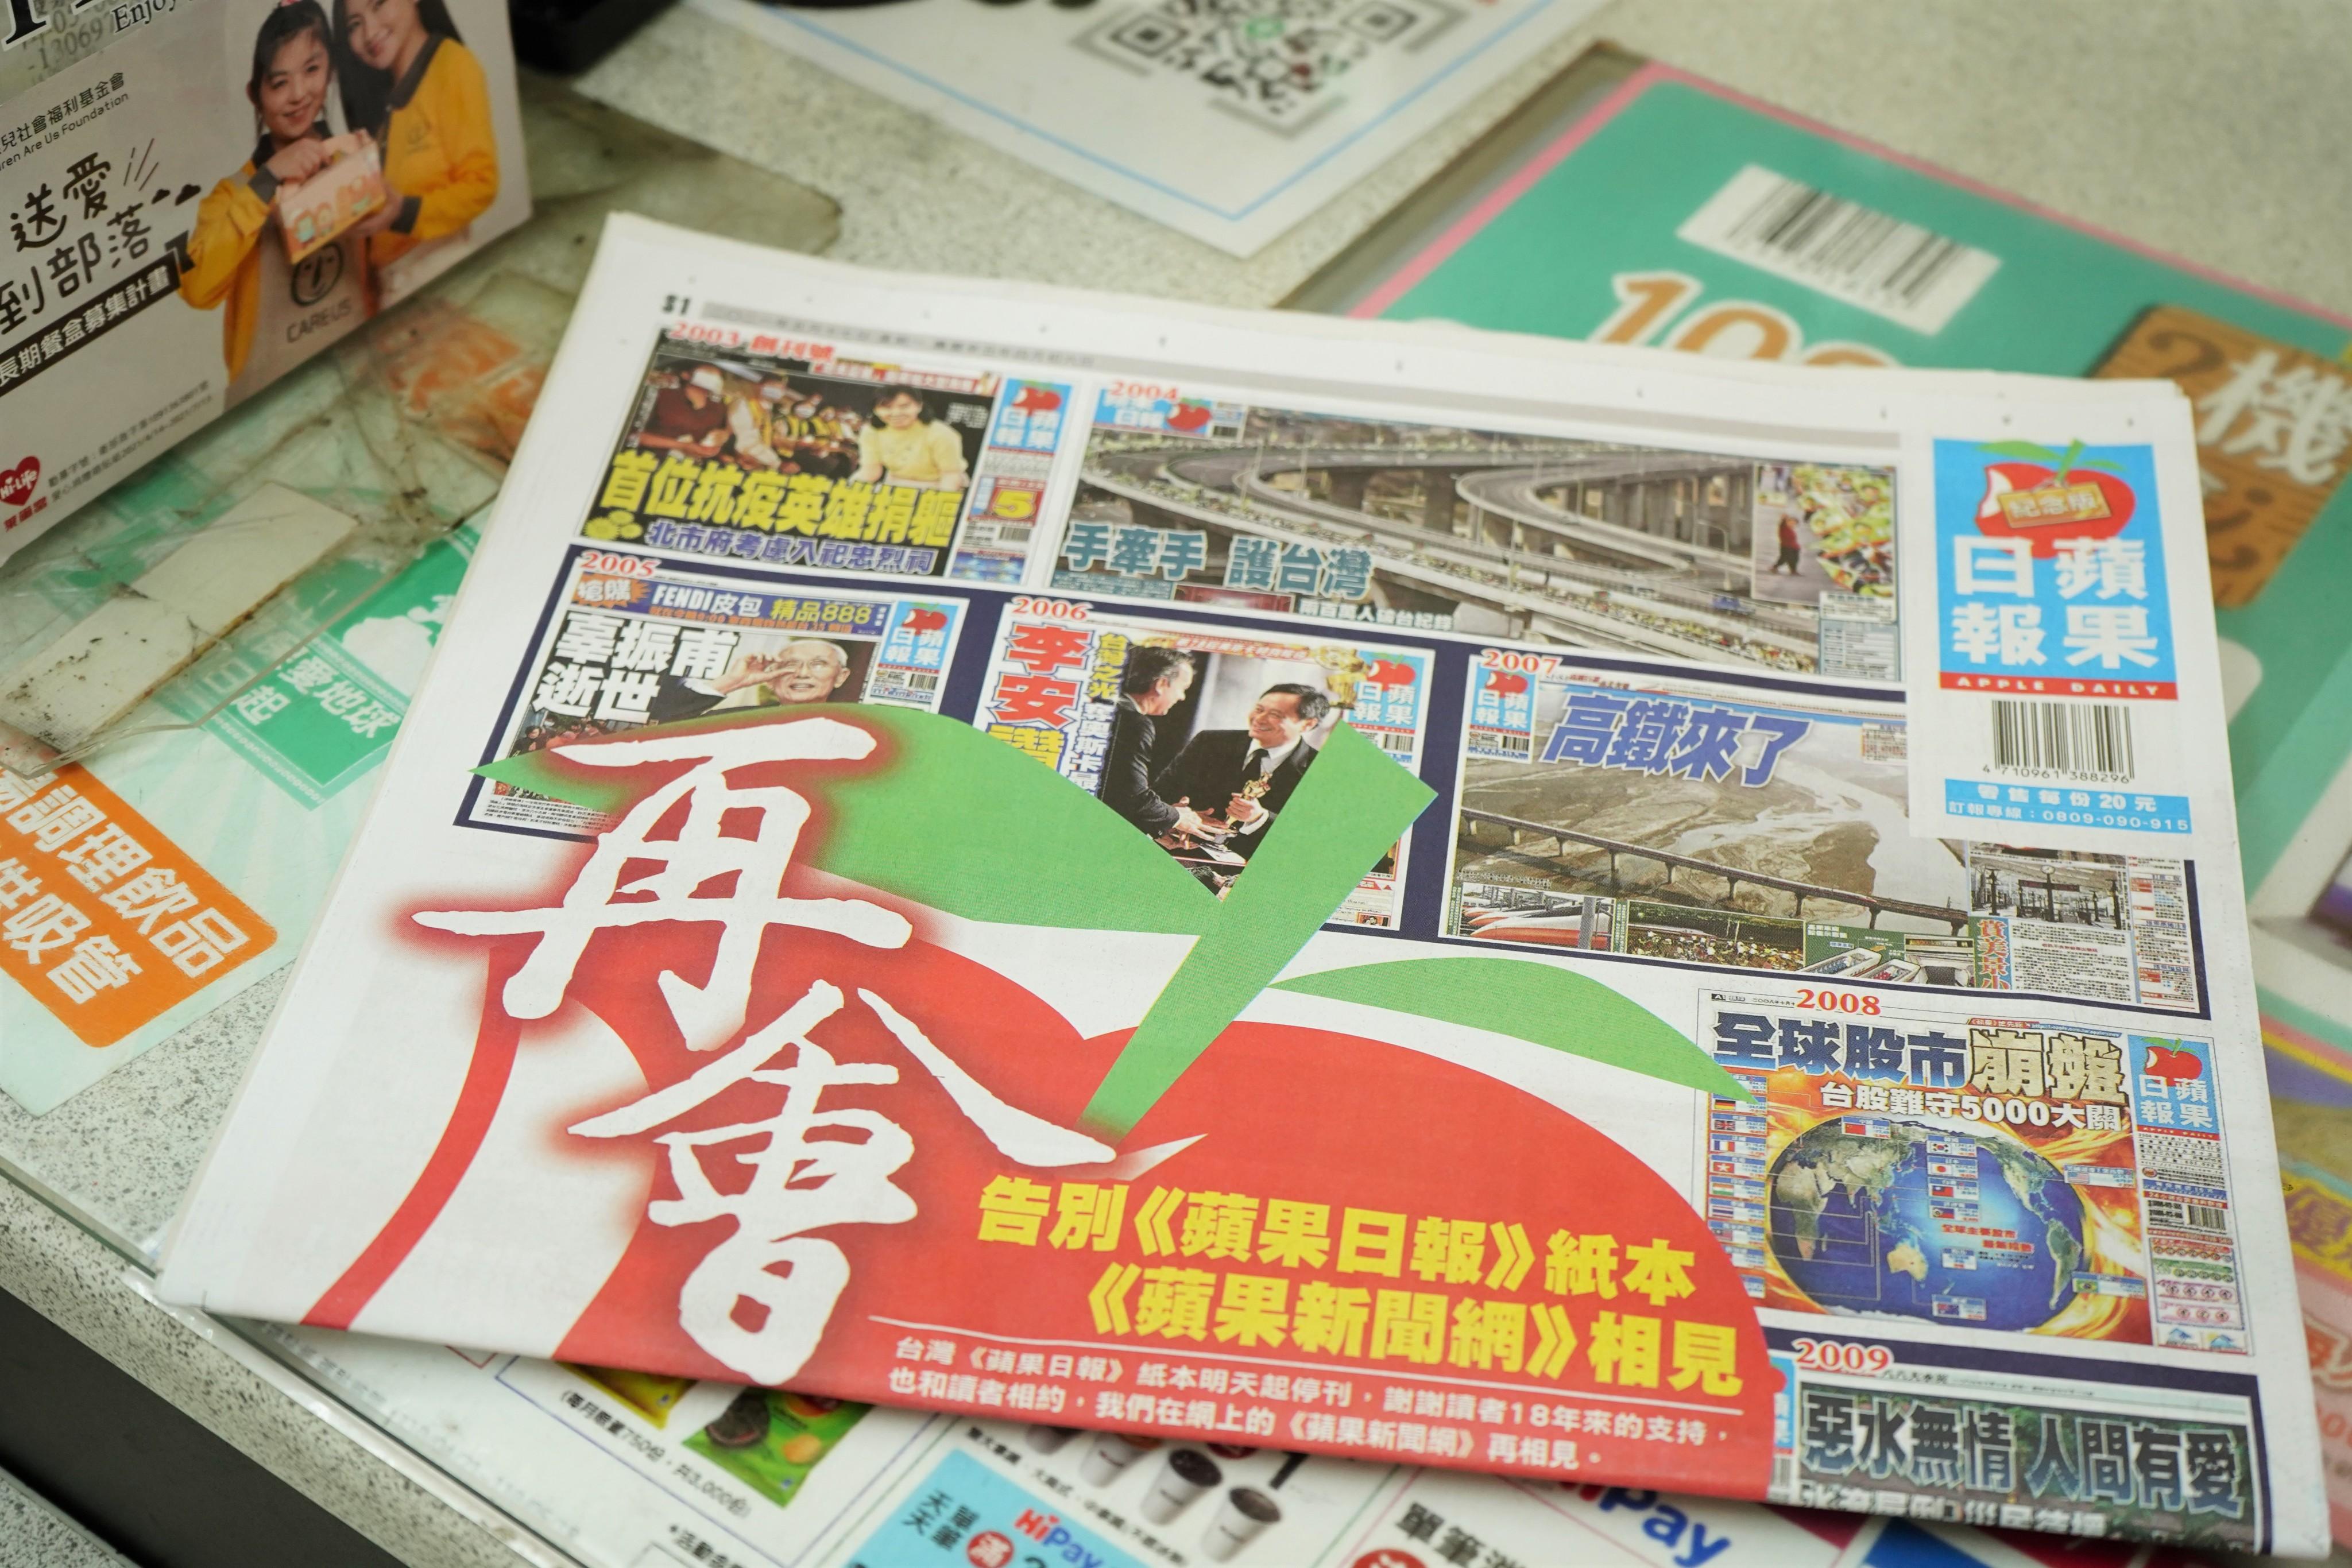 最後一期《台灣蘋果日報》頭版寫上「再會」兩隻大字。(文海欣 攝)